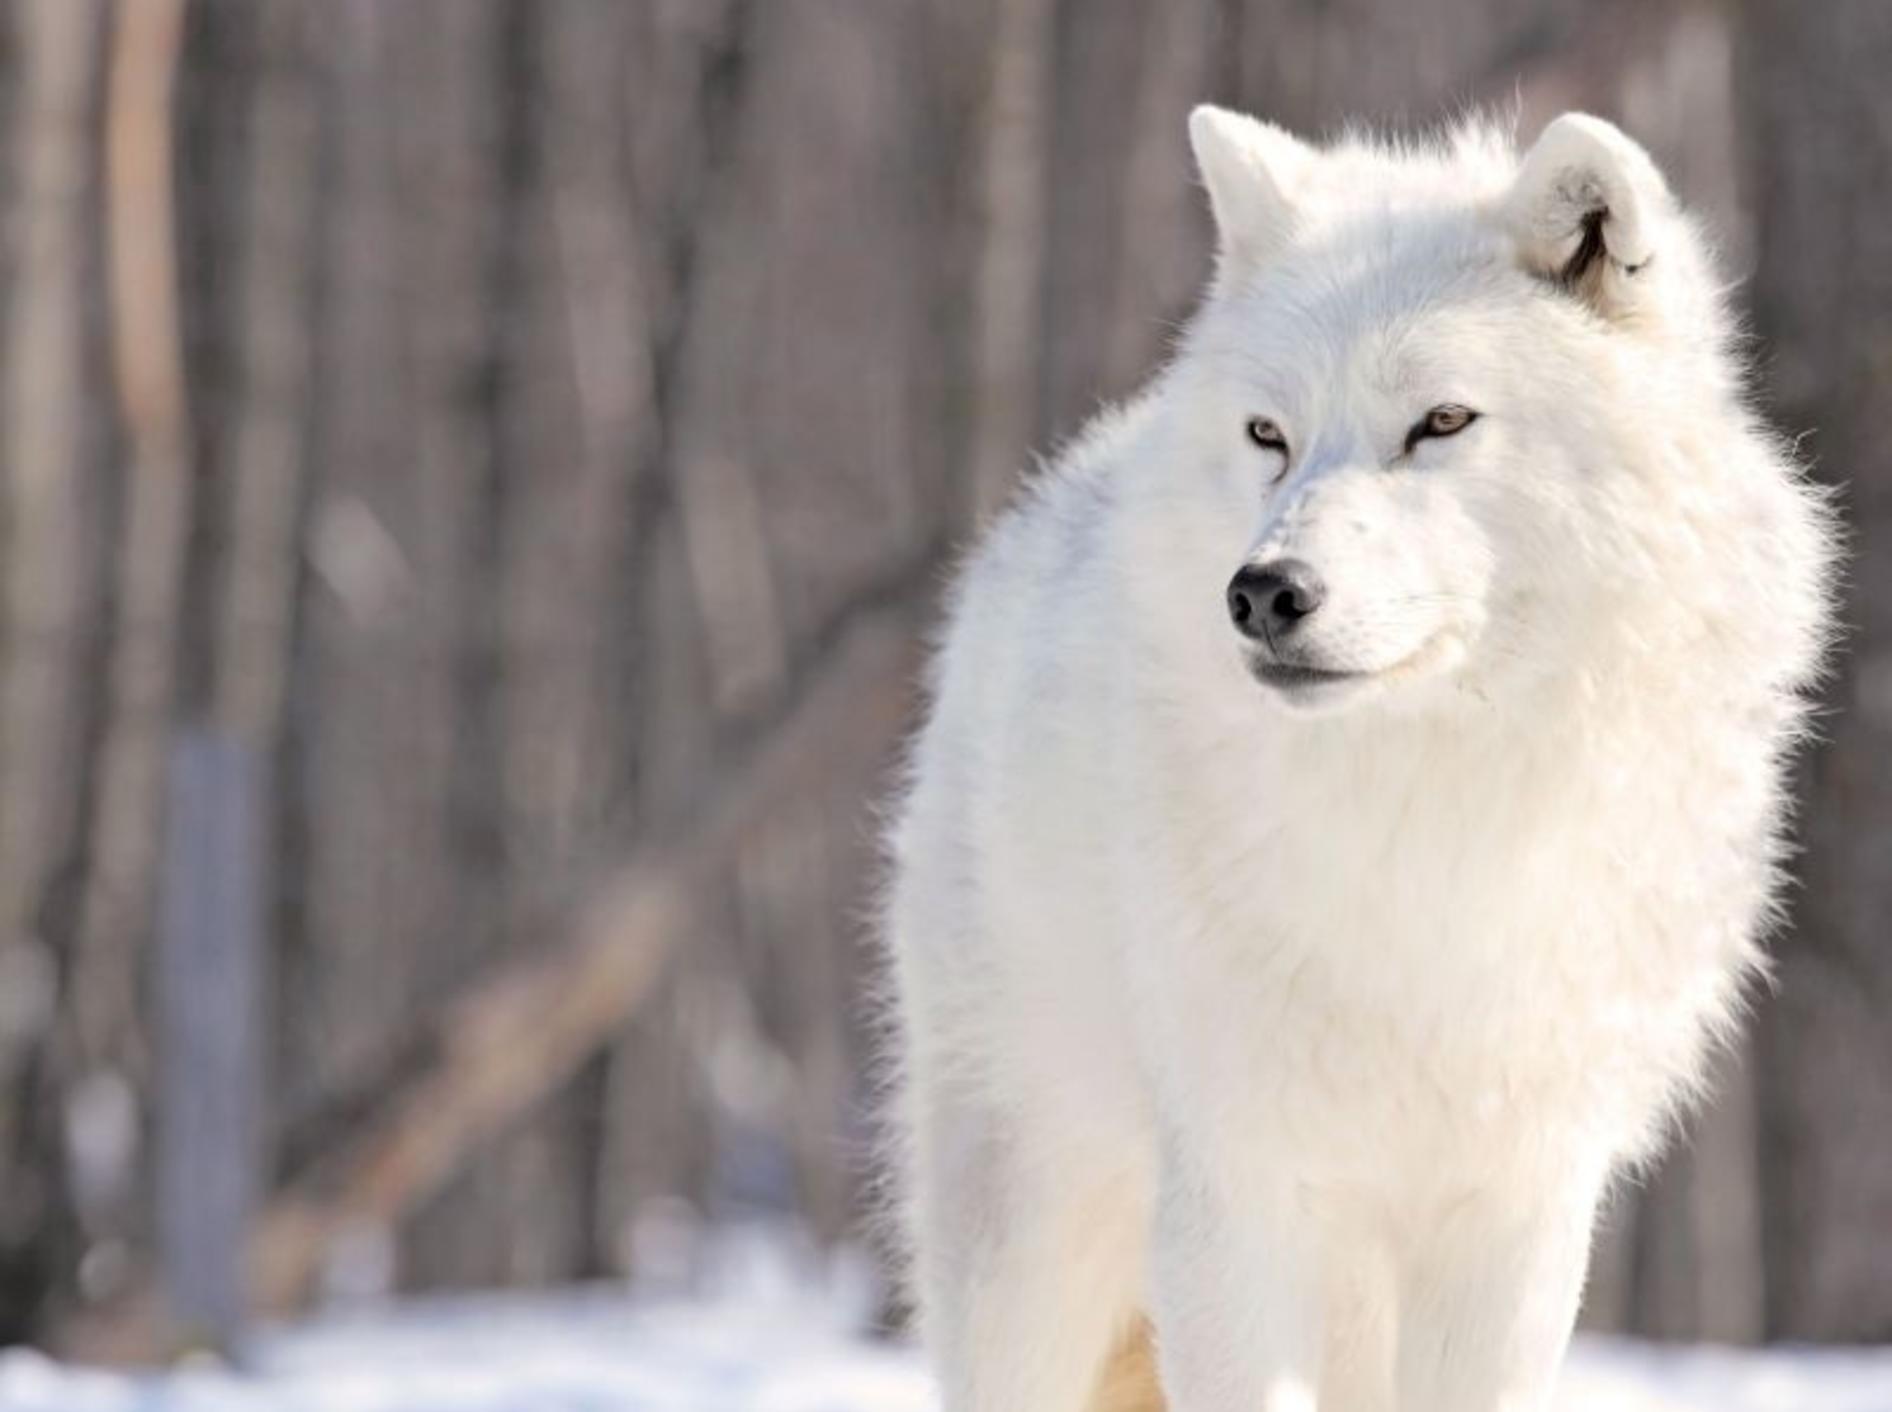 Der Wolf kehrt nach Deutschland zurück: Mit ihm auch die Angst? — Bild: Shutterstock / karl umbriaco